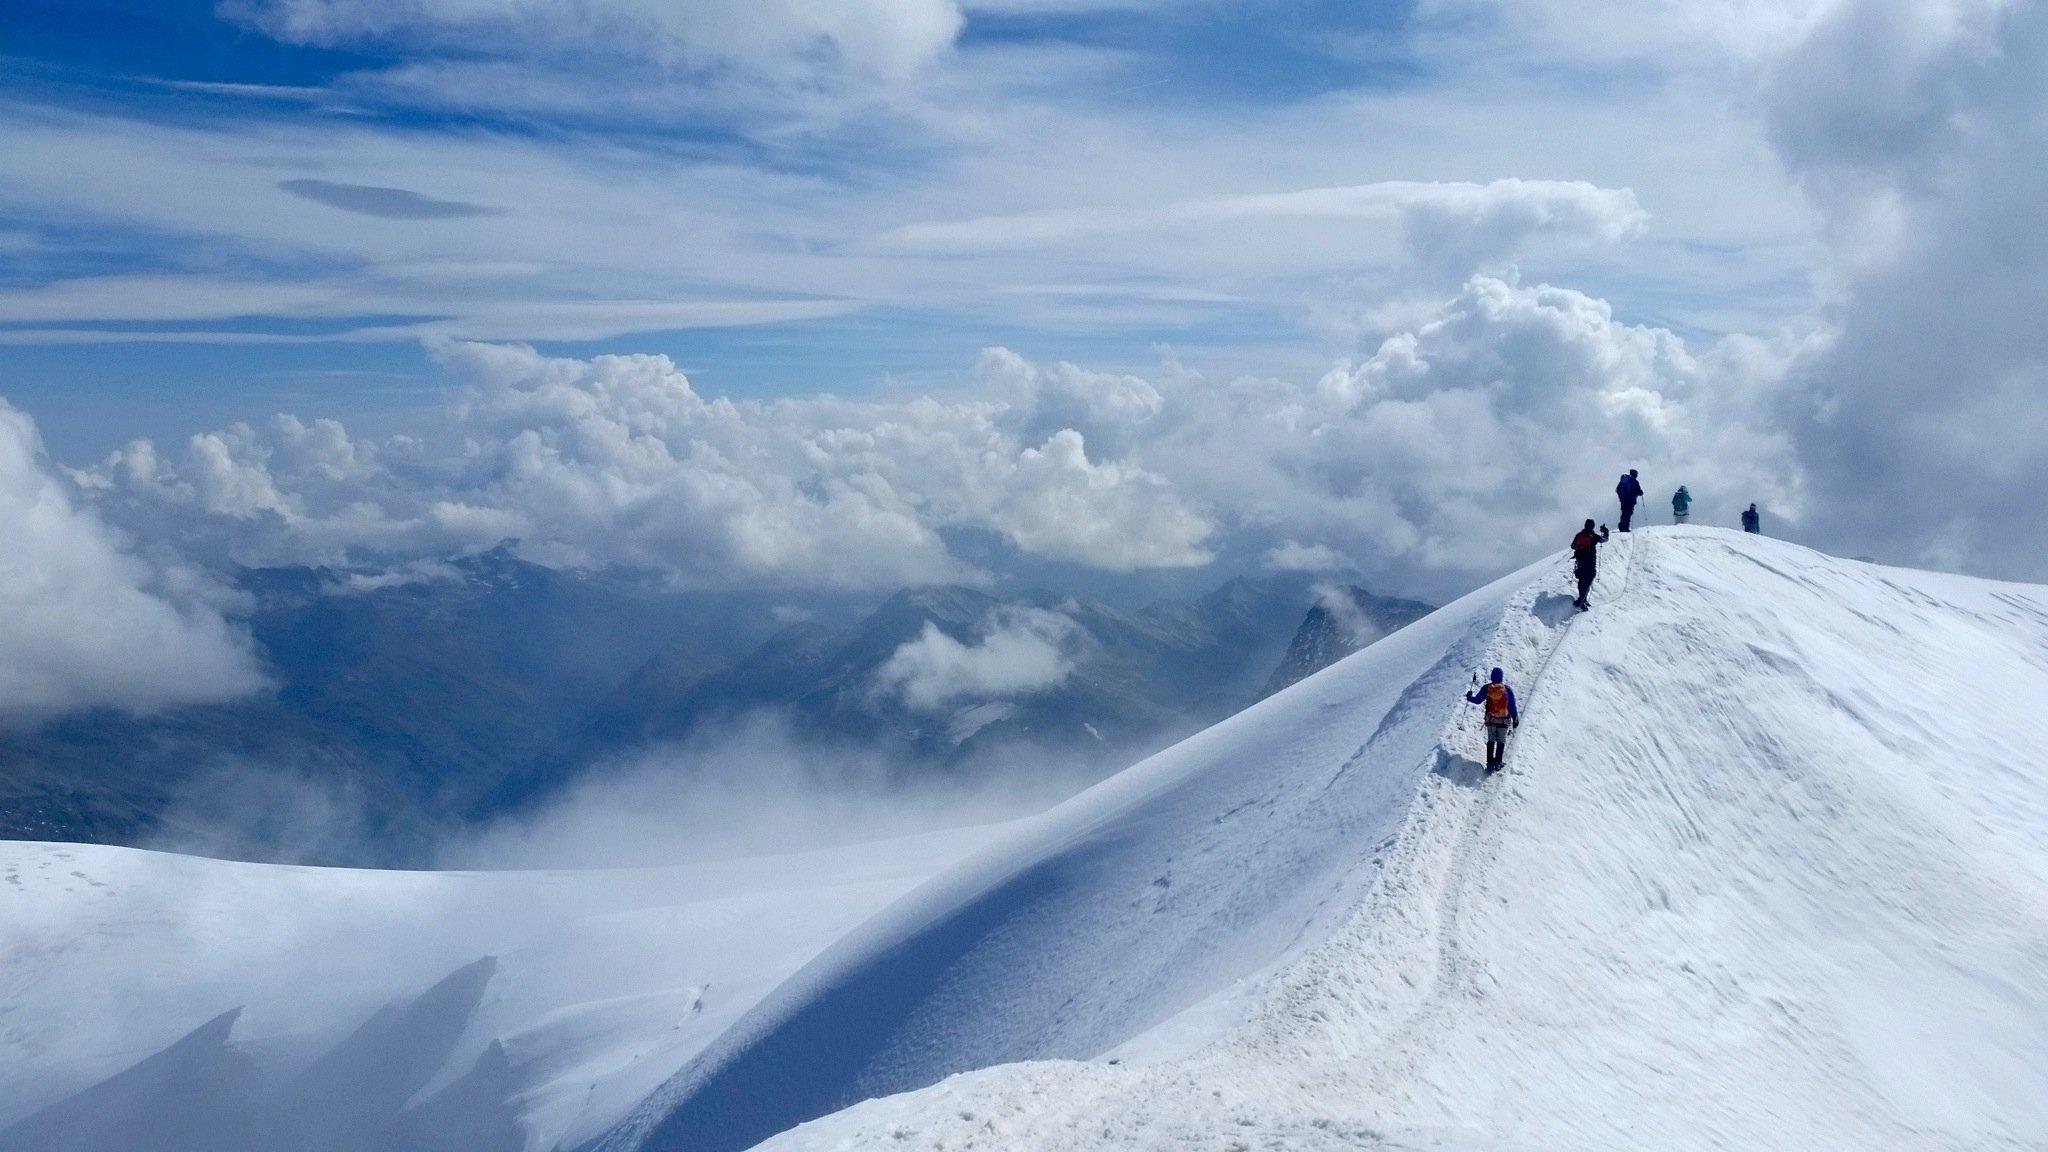 Ziele – Großvenediger (3.657m): Konditionell anspruchsvolle Hochtour auf Österreichs dritthöchsten Gipfel